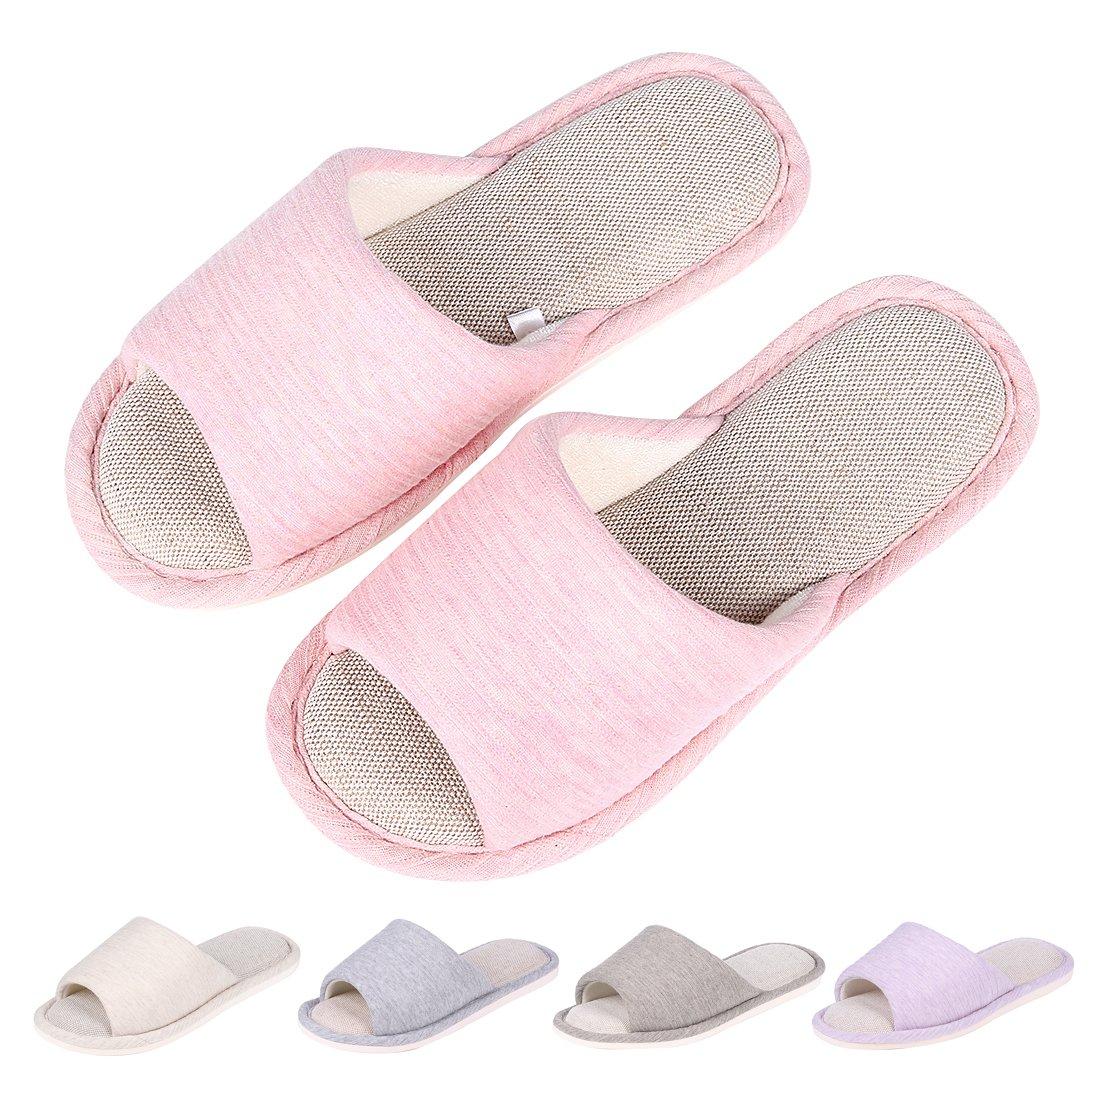 Women's Memory Foam House Slippers Summer Linen Home Shoes Open Toe Slip on Cotton House Slippers PK-M